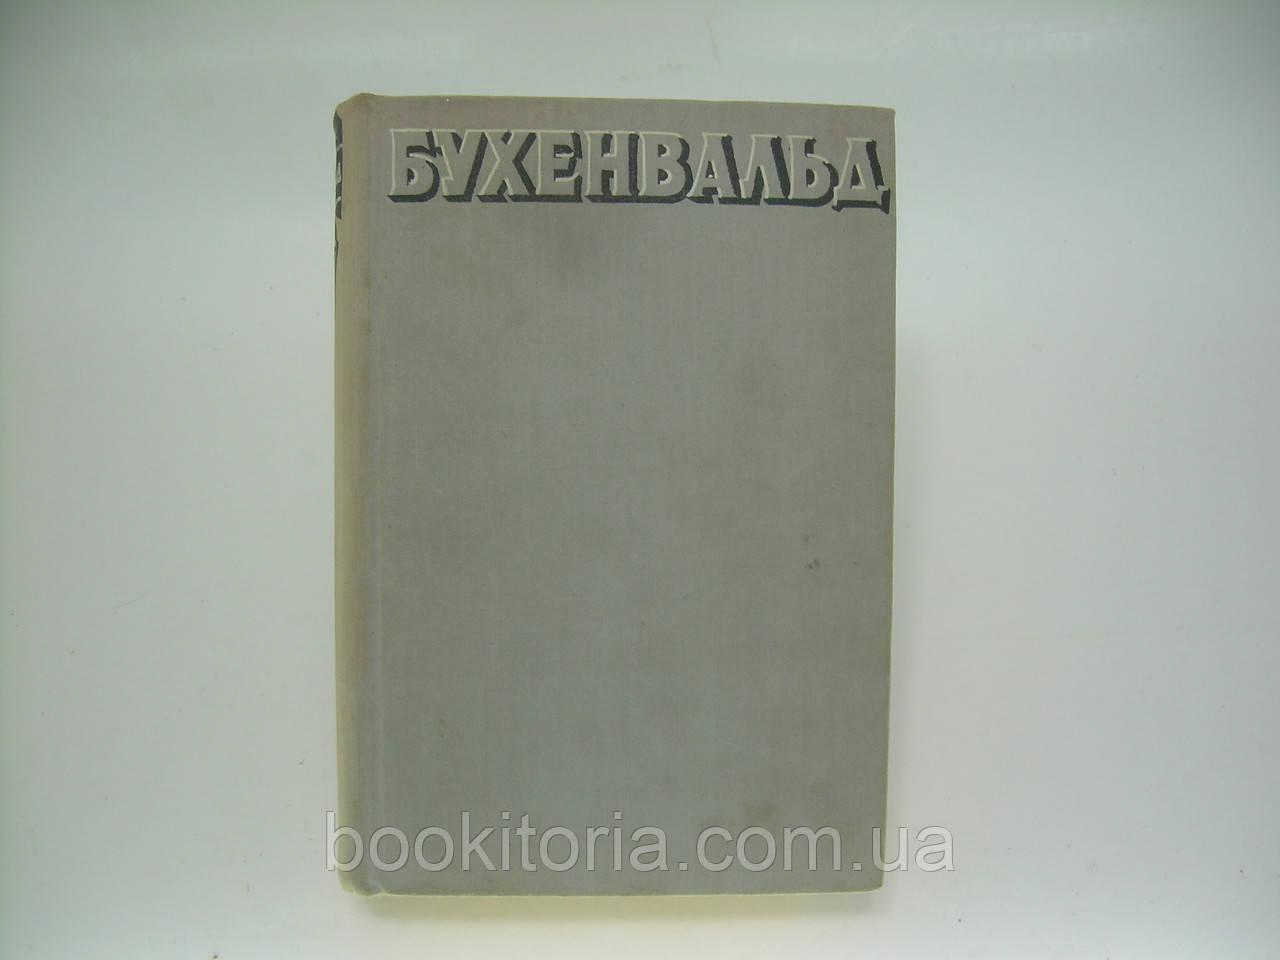 Бухенвальд: Документы и сообщения (б/у).